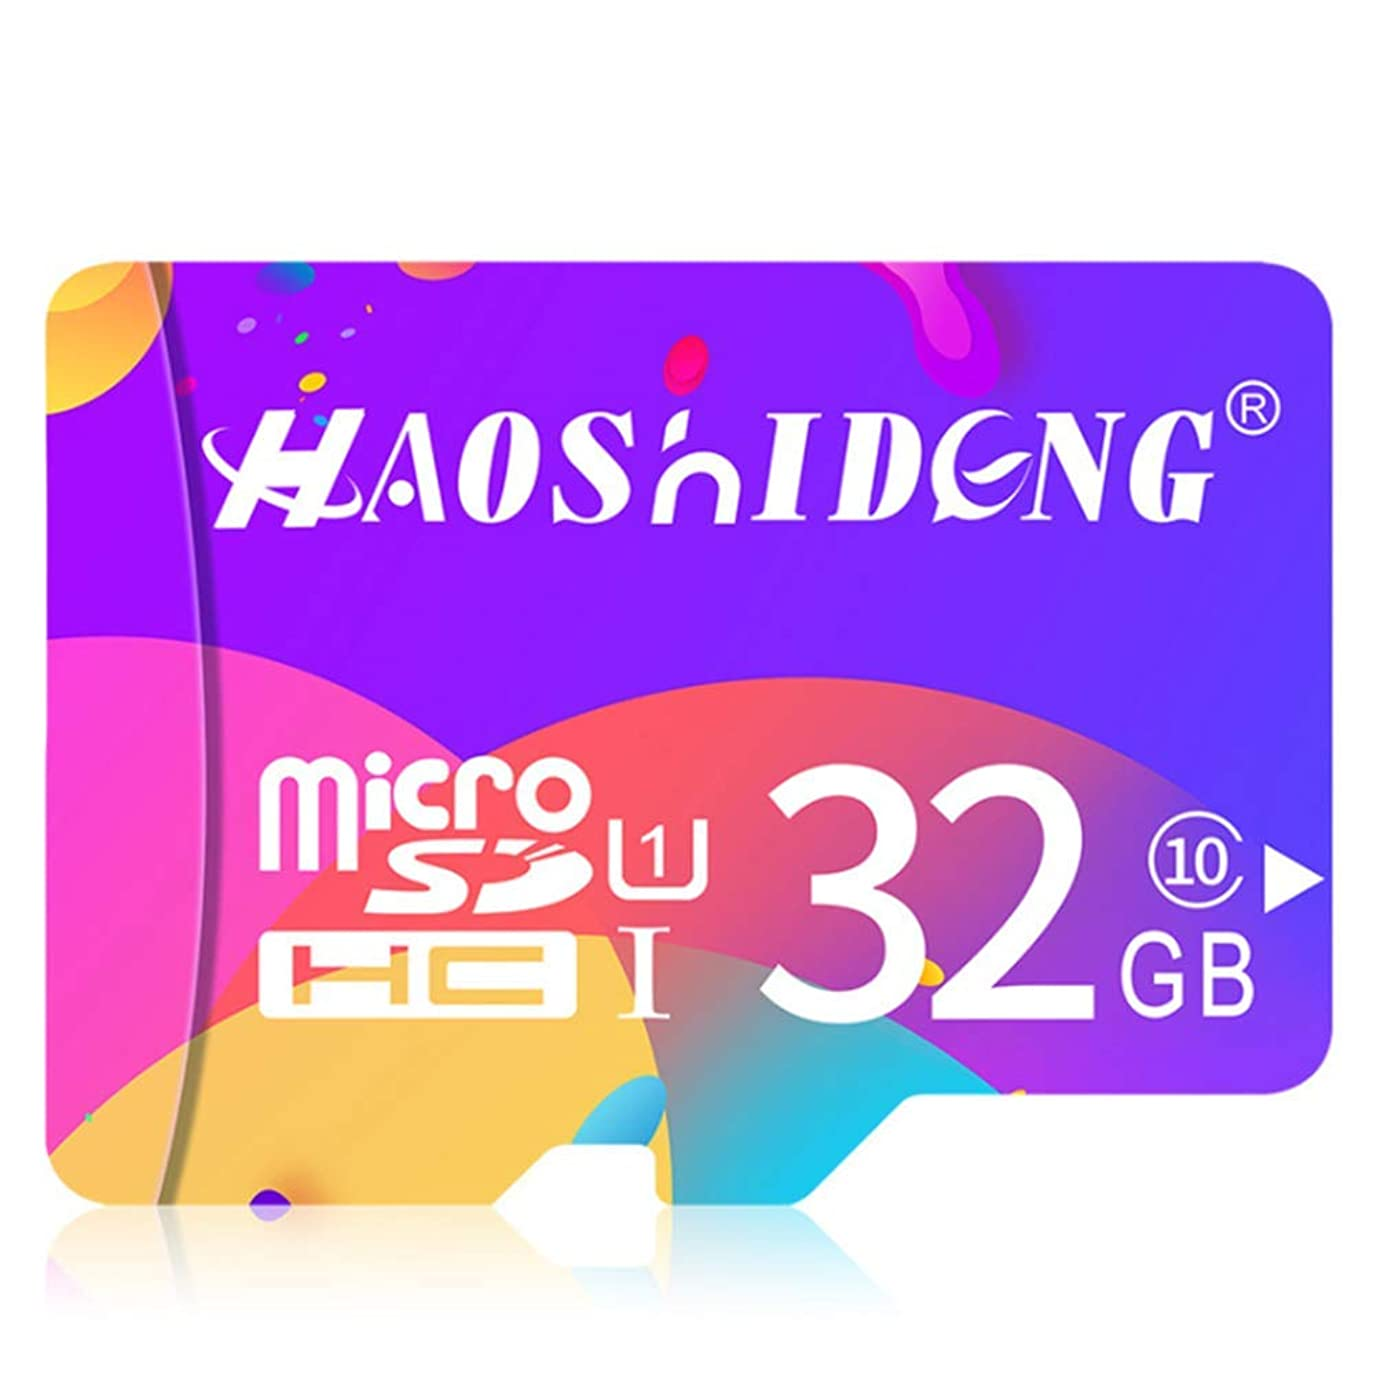 隣接剛性リフレッシュTFカード 32GB microSDHCカード カメラメモリカード メモリカード 携帯電話のメモリカード class10 高速 SDカード アダプタ付